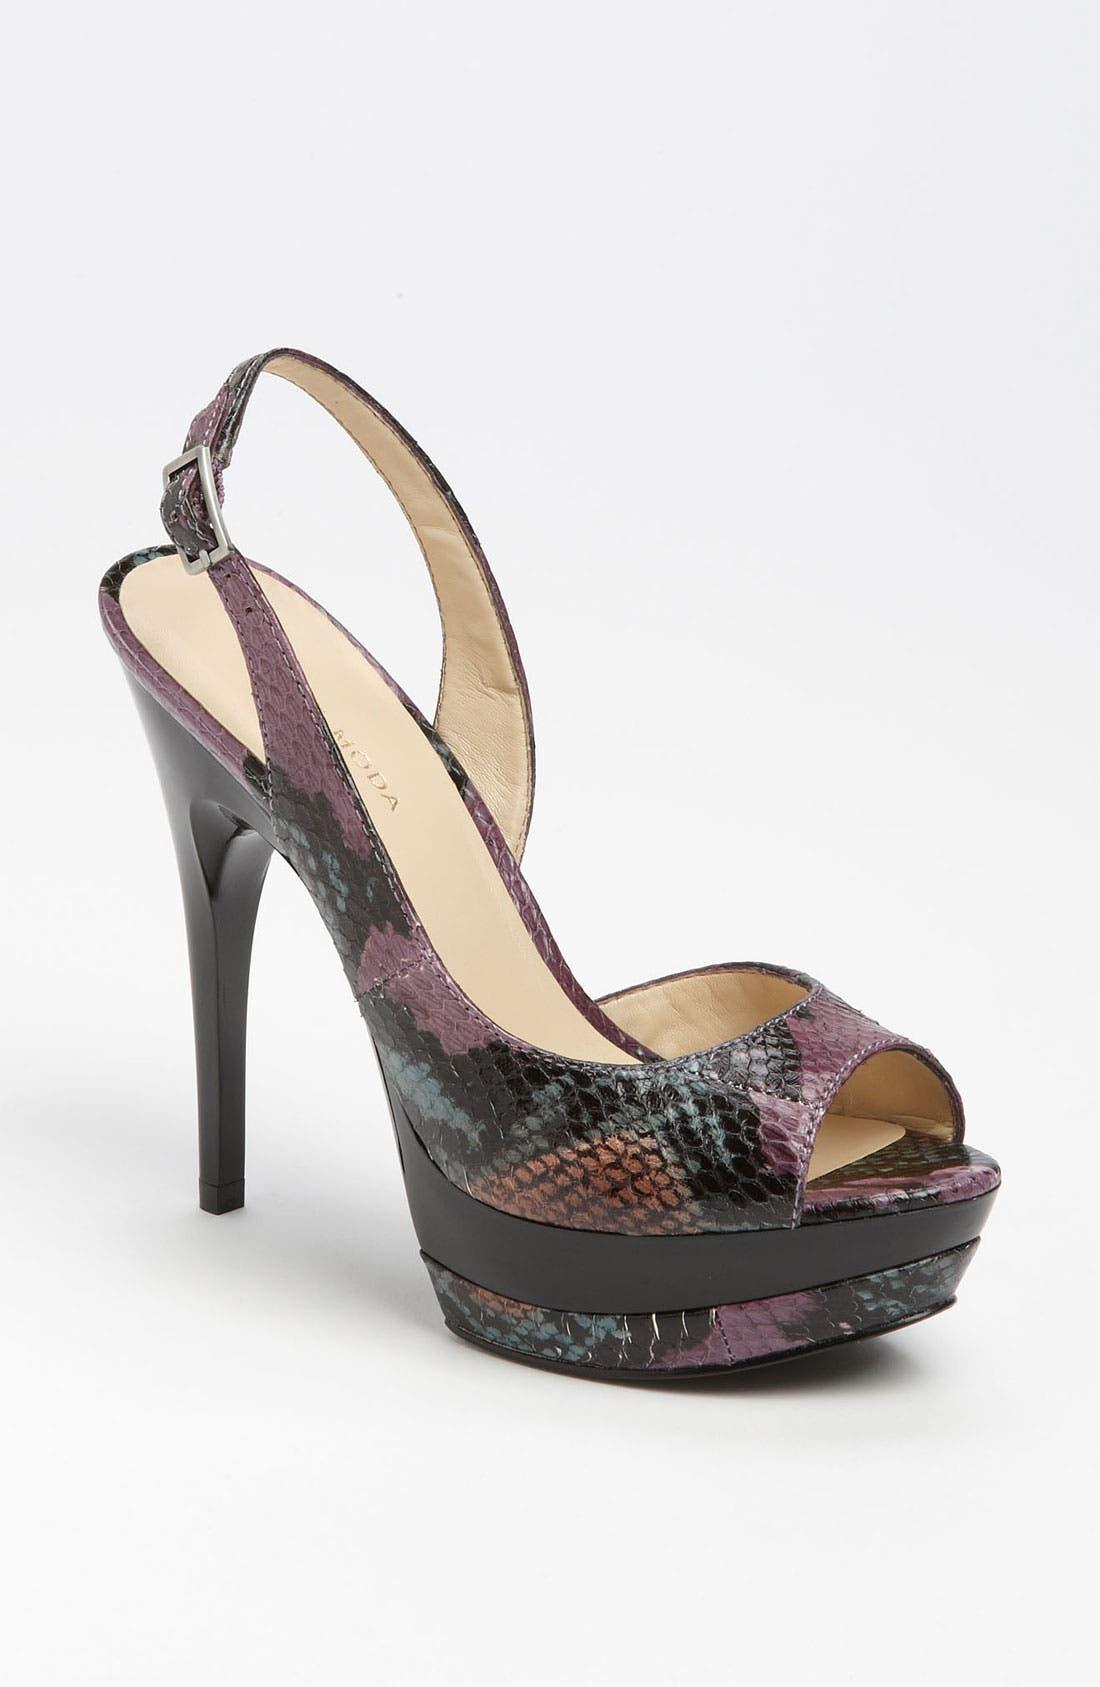 Main Image - Pelle Moda 'Glinda' Sandal